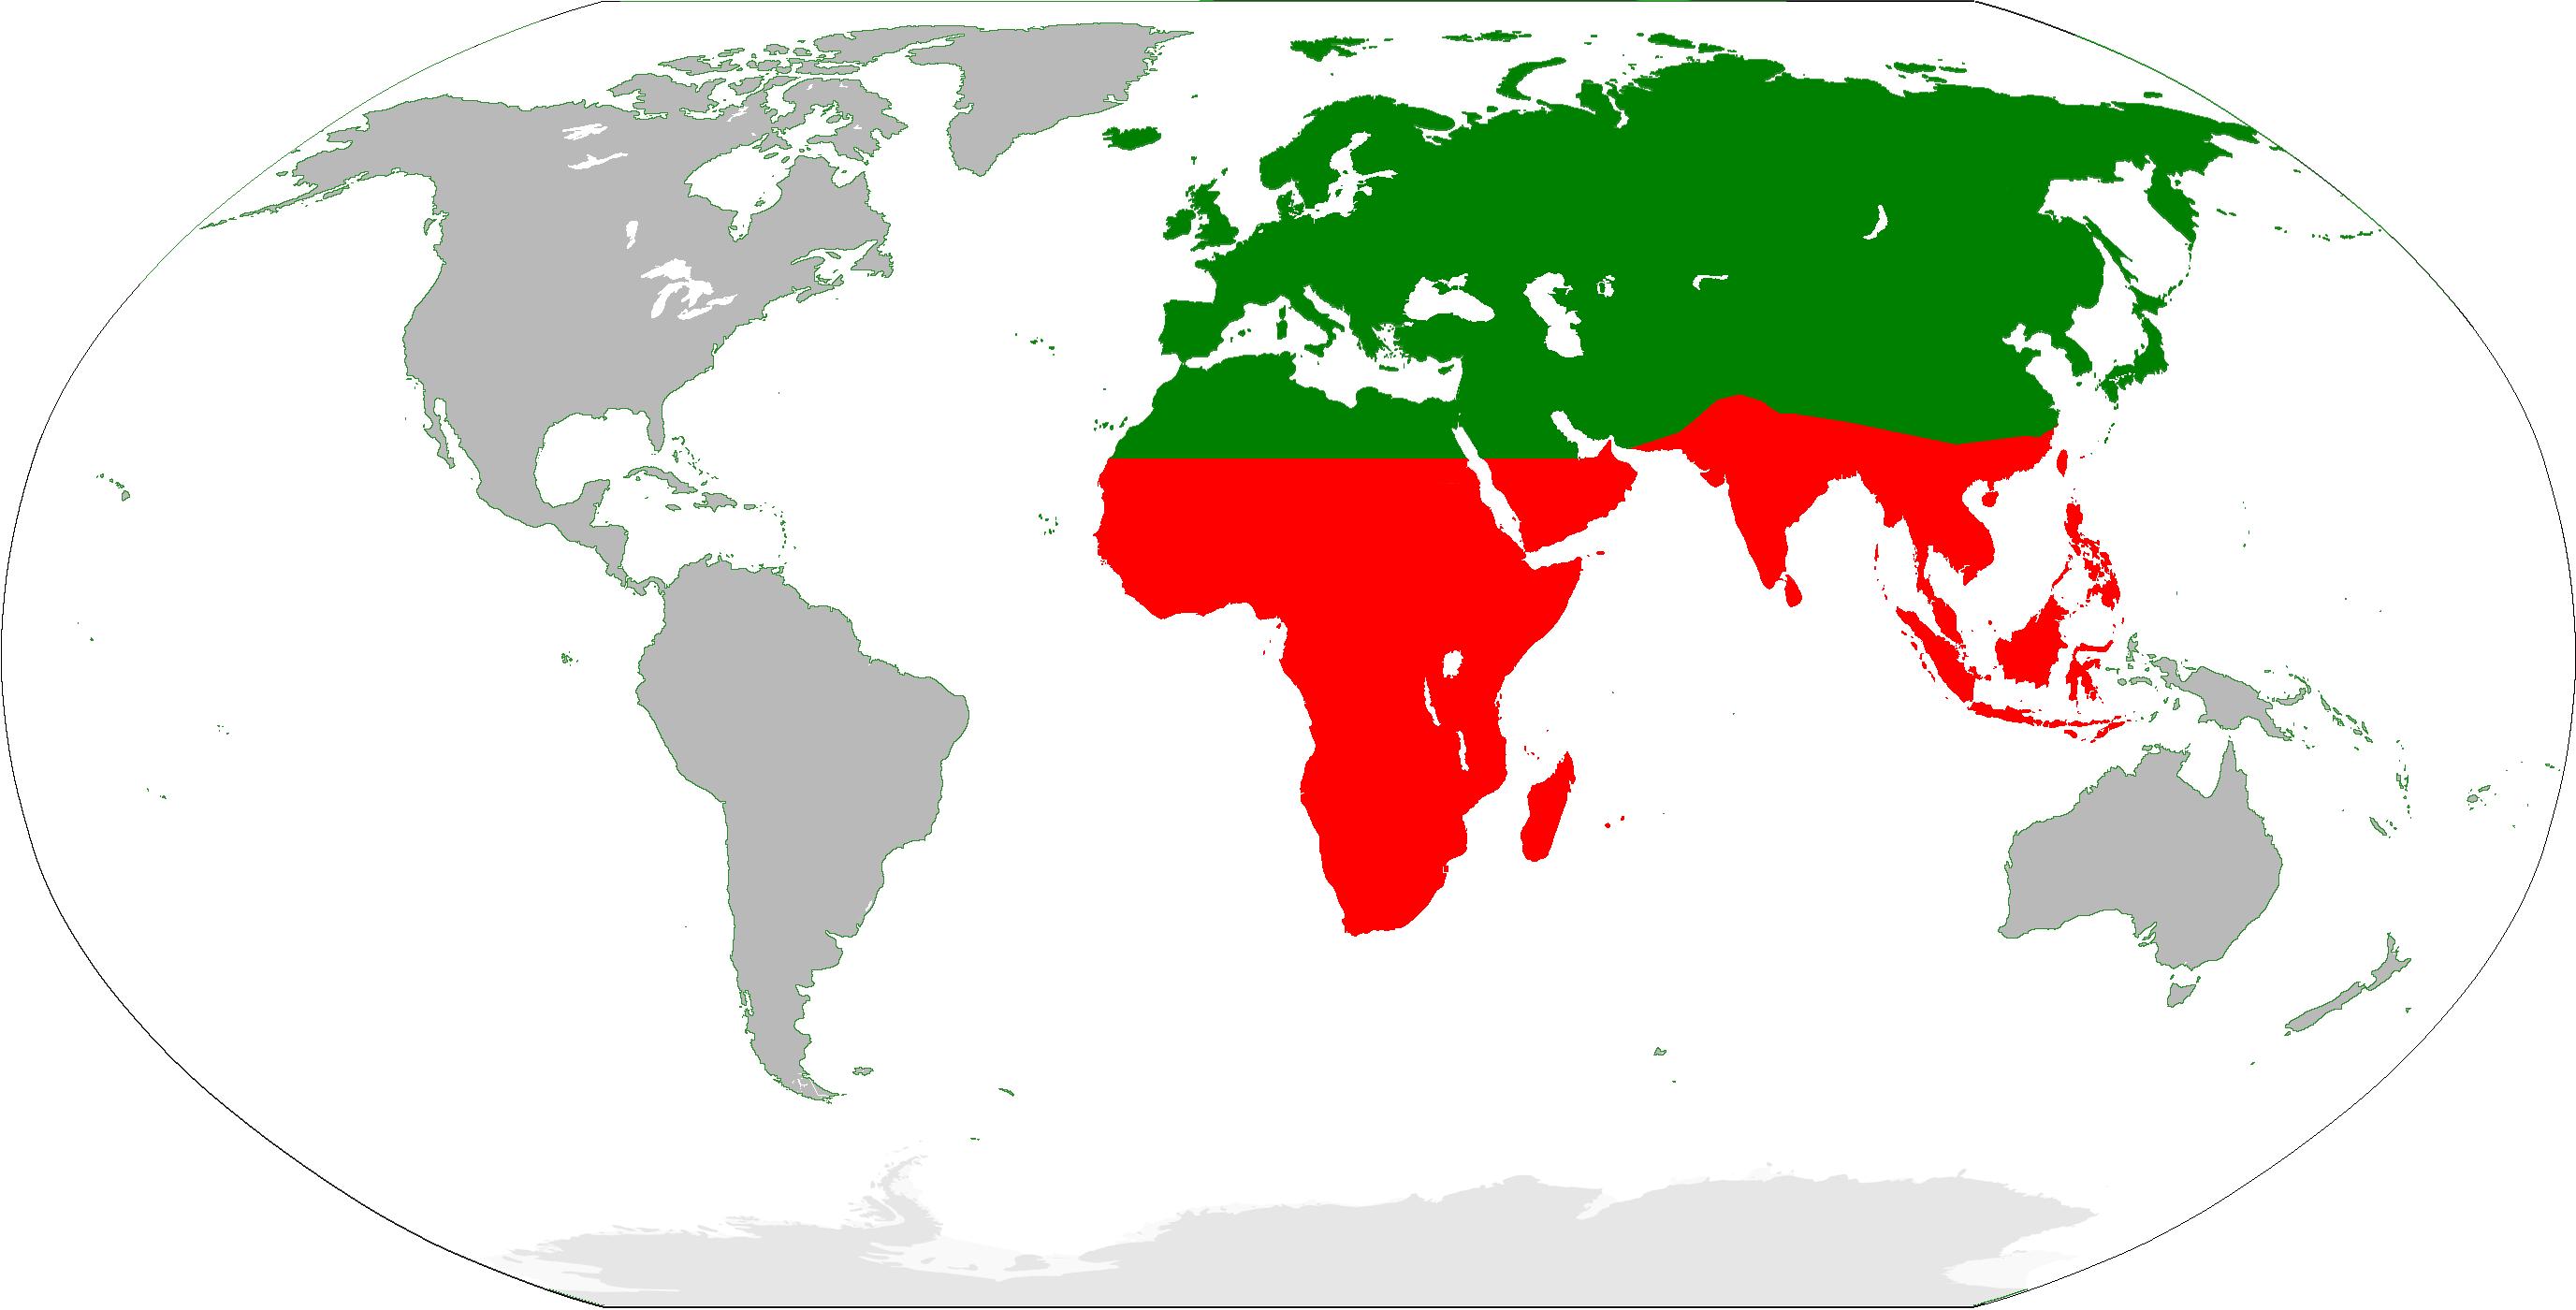 Velho Mundo  Wikipdia a enciclopdia livre